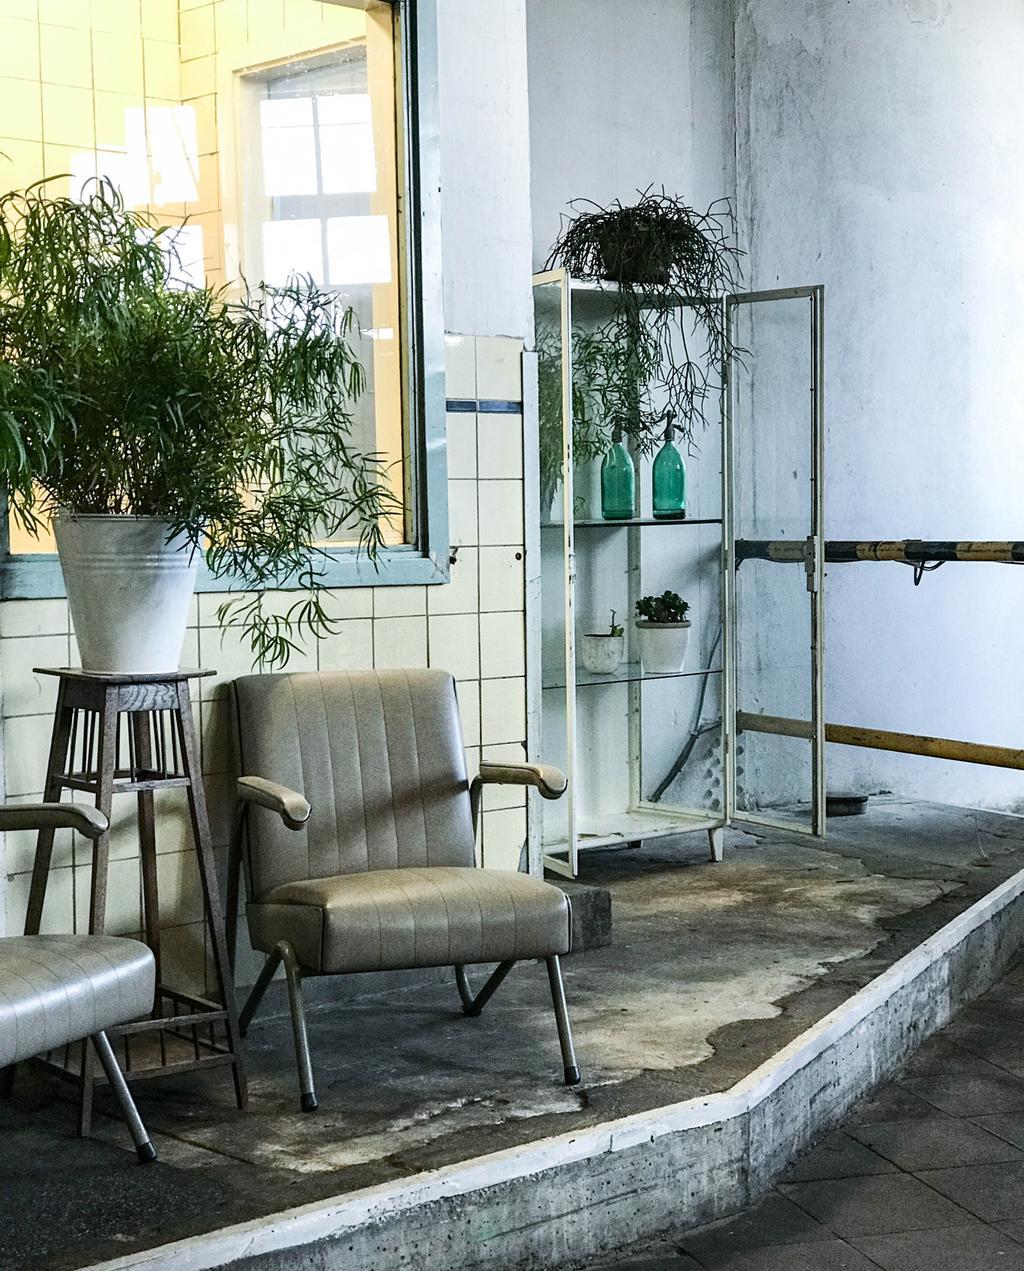 vtwonen 13-2019 | Citytrip Nijmegen: een onderbelichte parel meesterproef